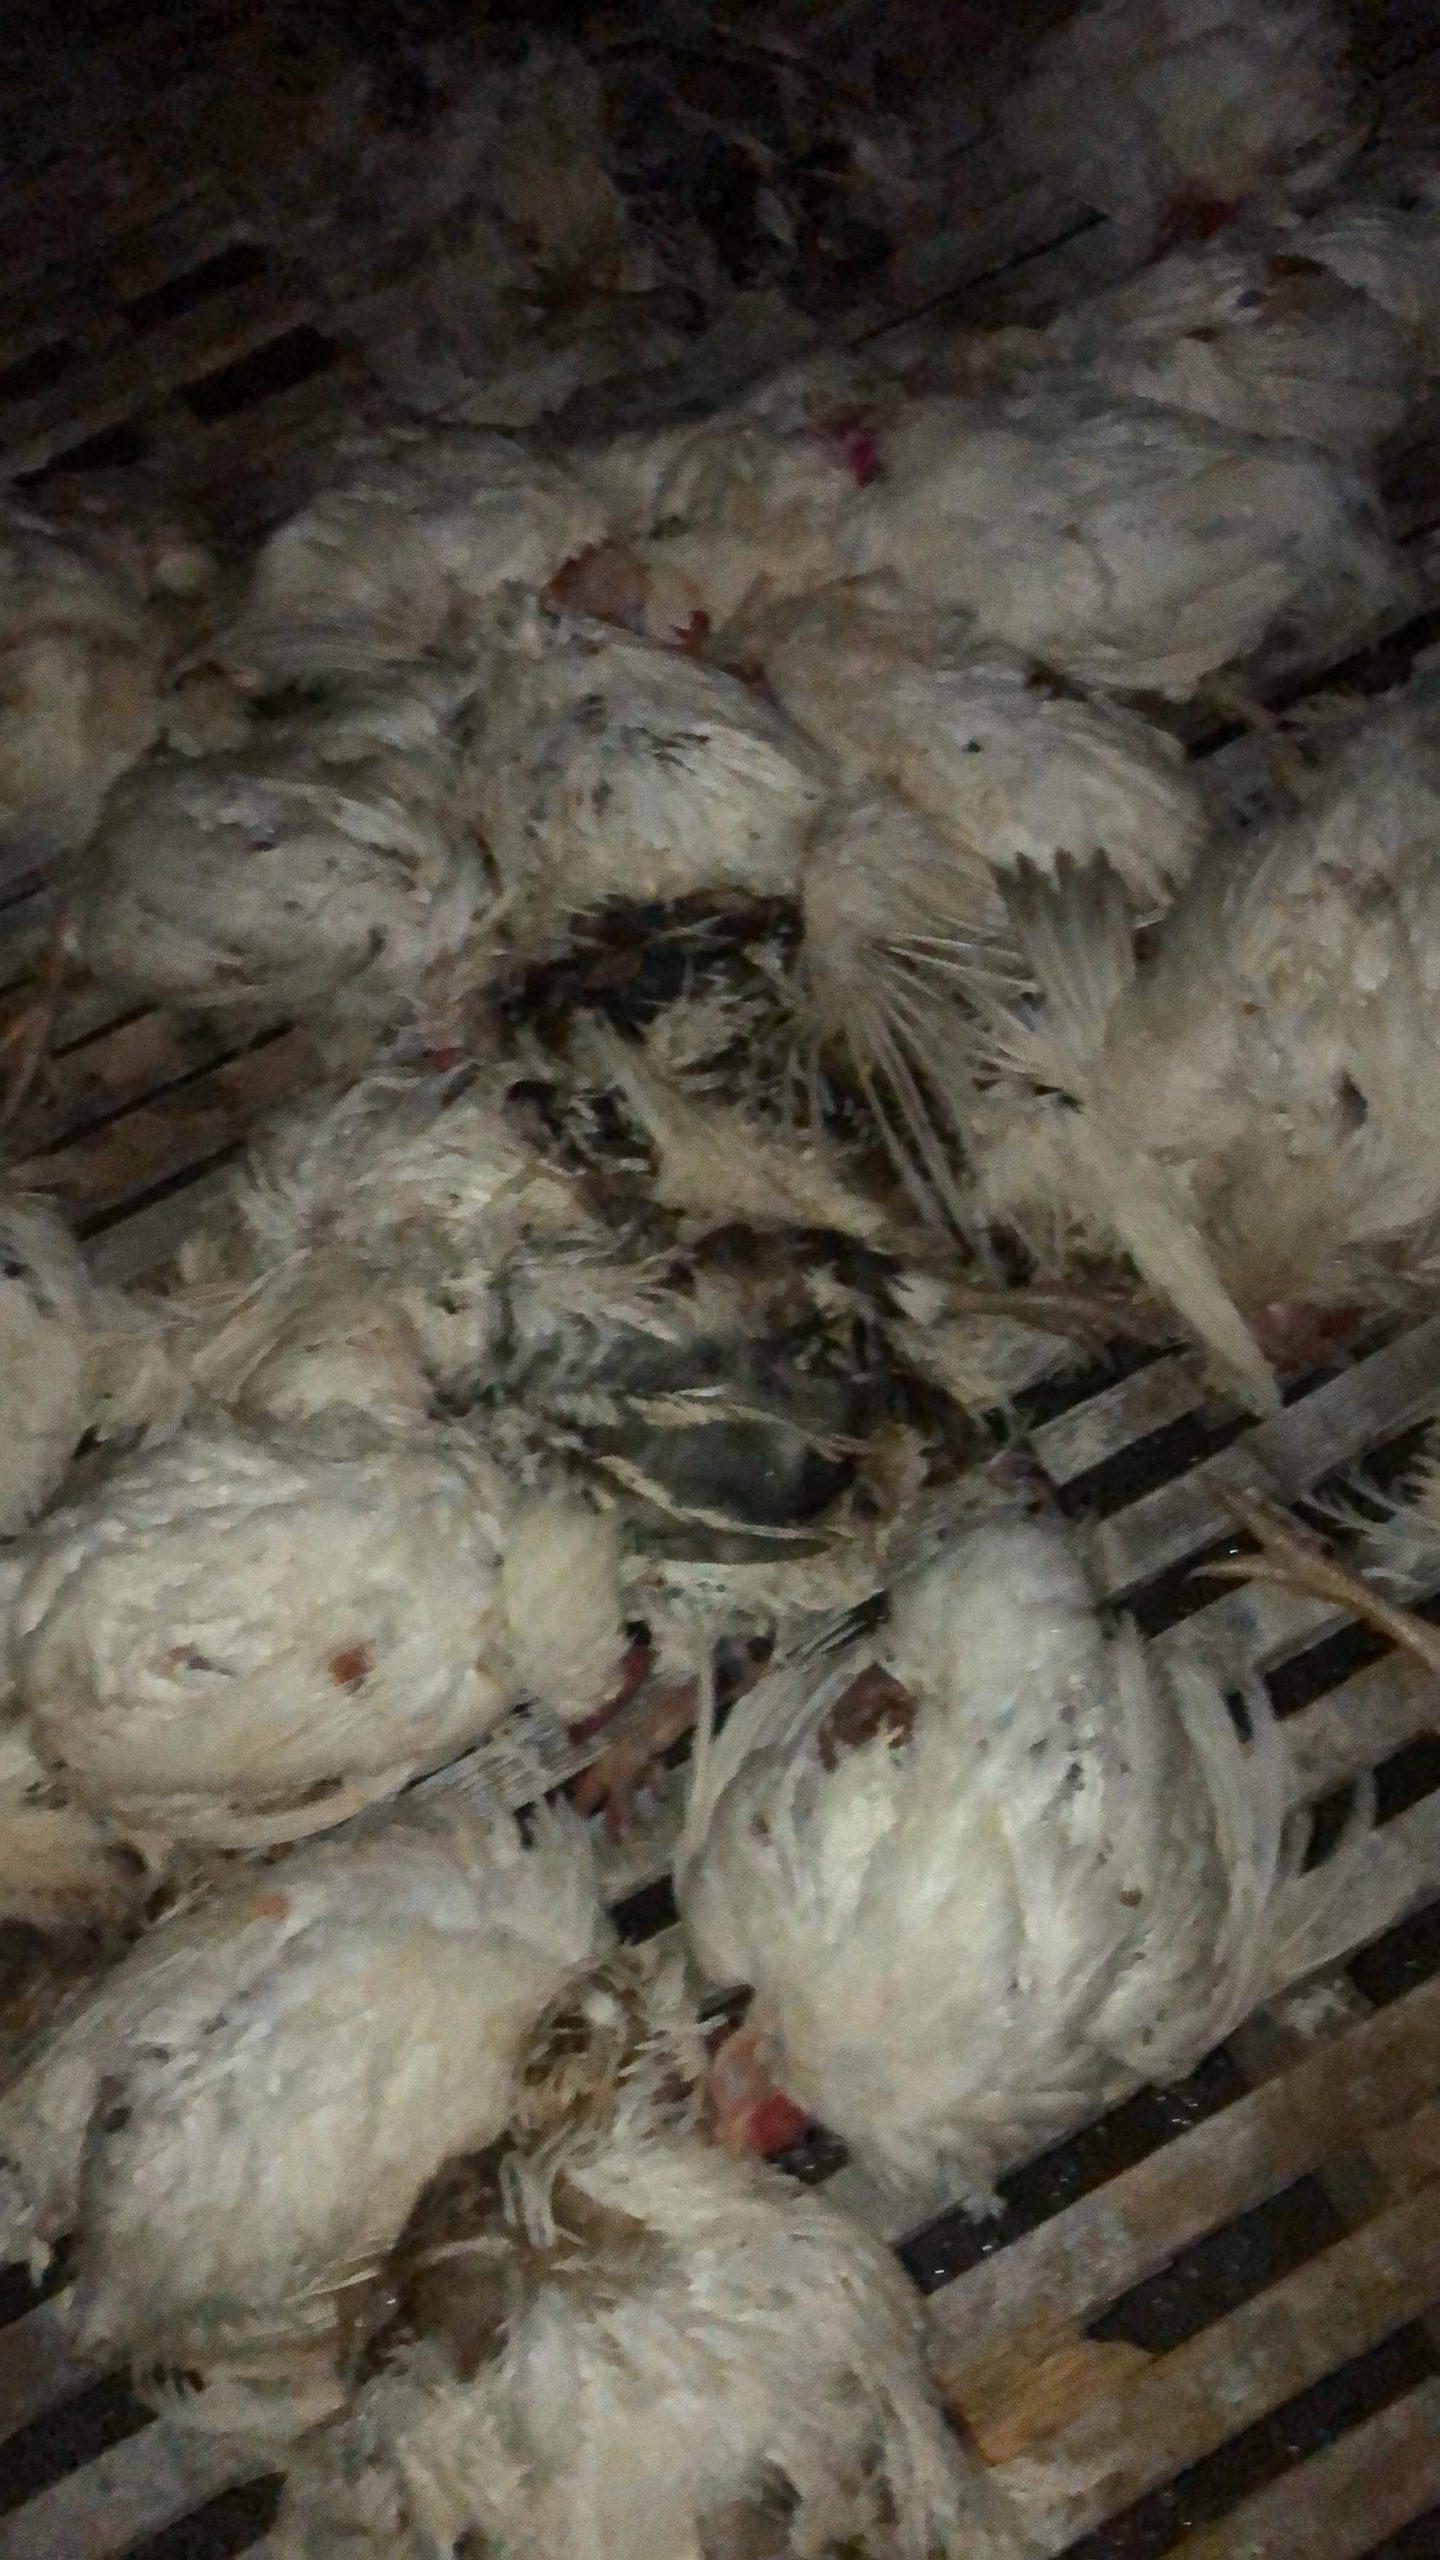 Chickens Bulldozed